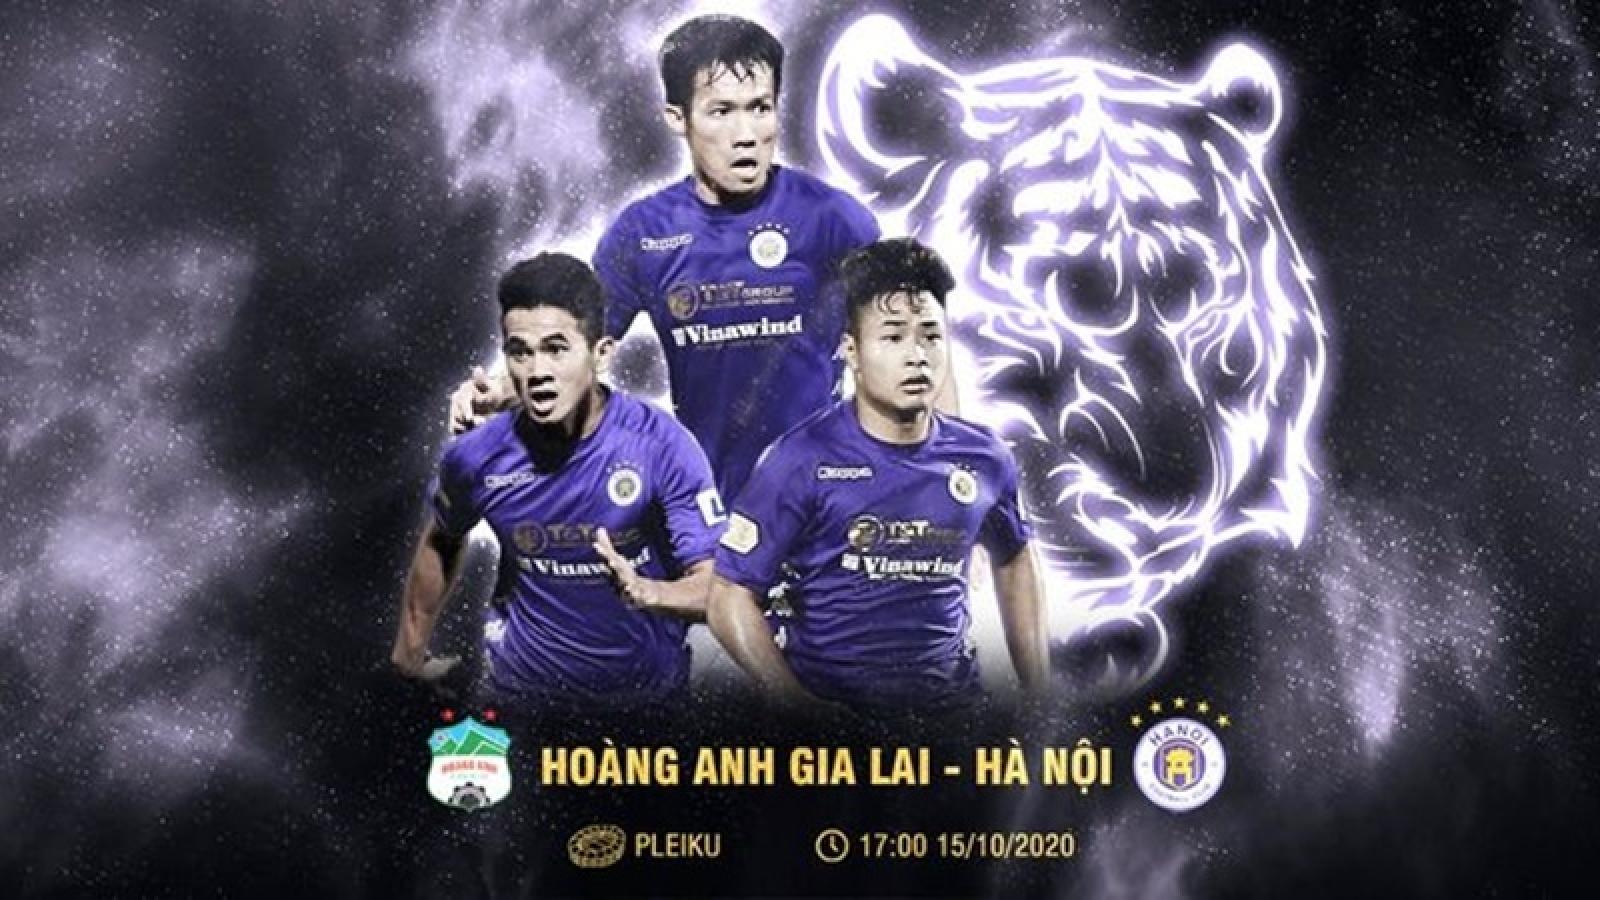 HAGL - Hà Nội FC: Vào hang bắt… hổ Bi-Rai?